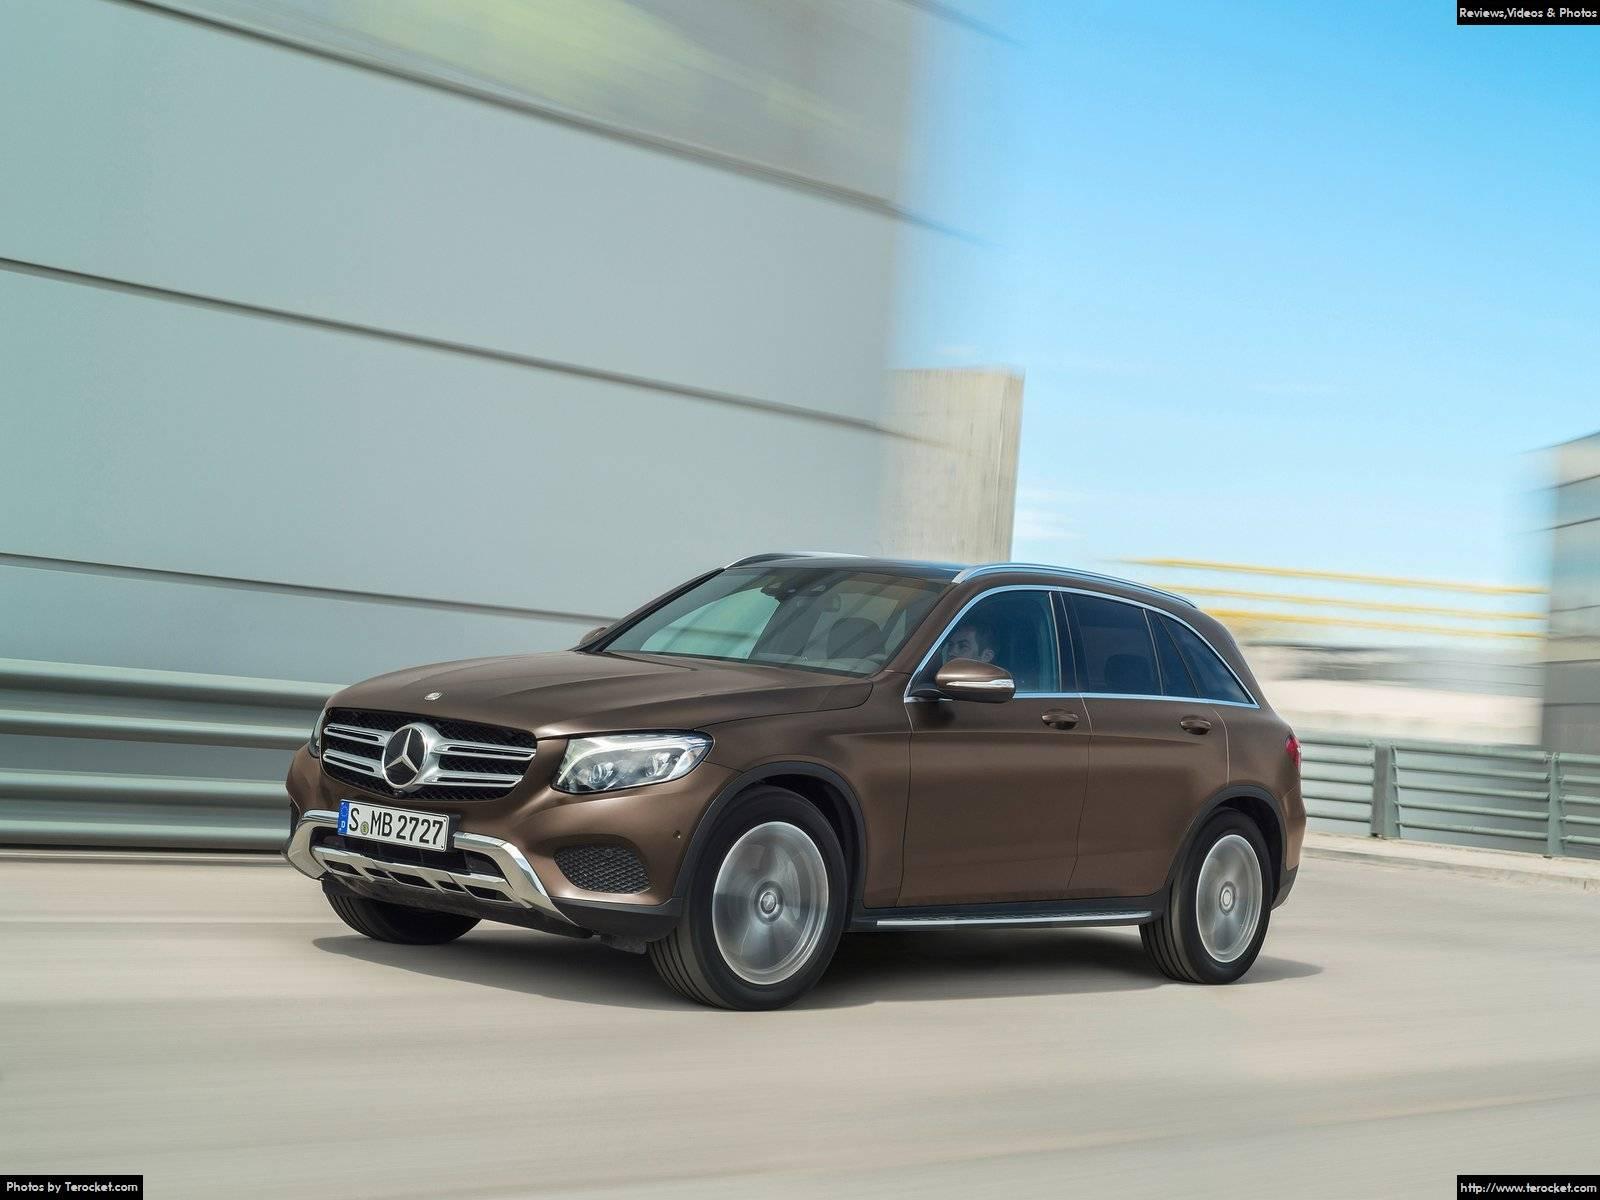 Hình ảnh xe ô tô Mercedes-Benz GLC 2016 & nội ngoại thất